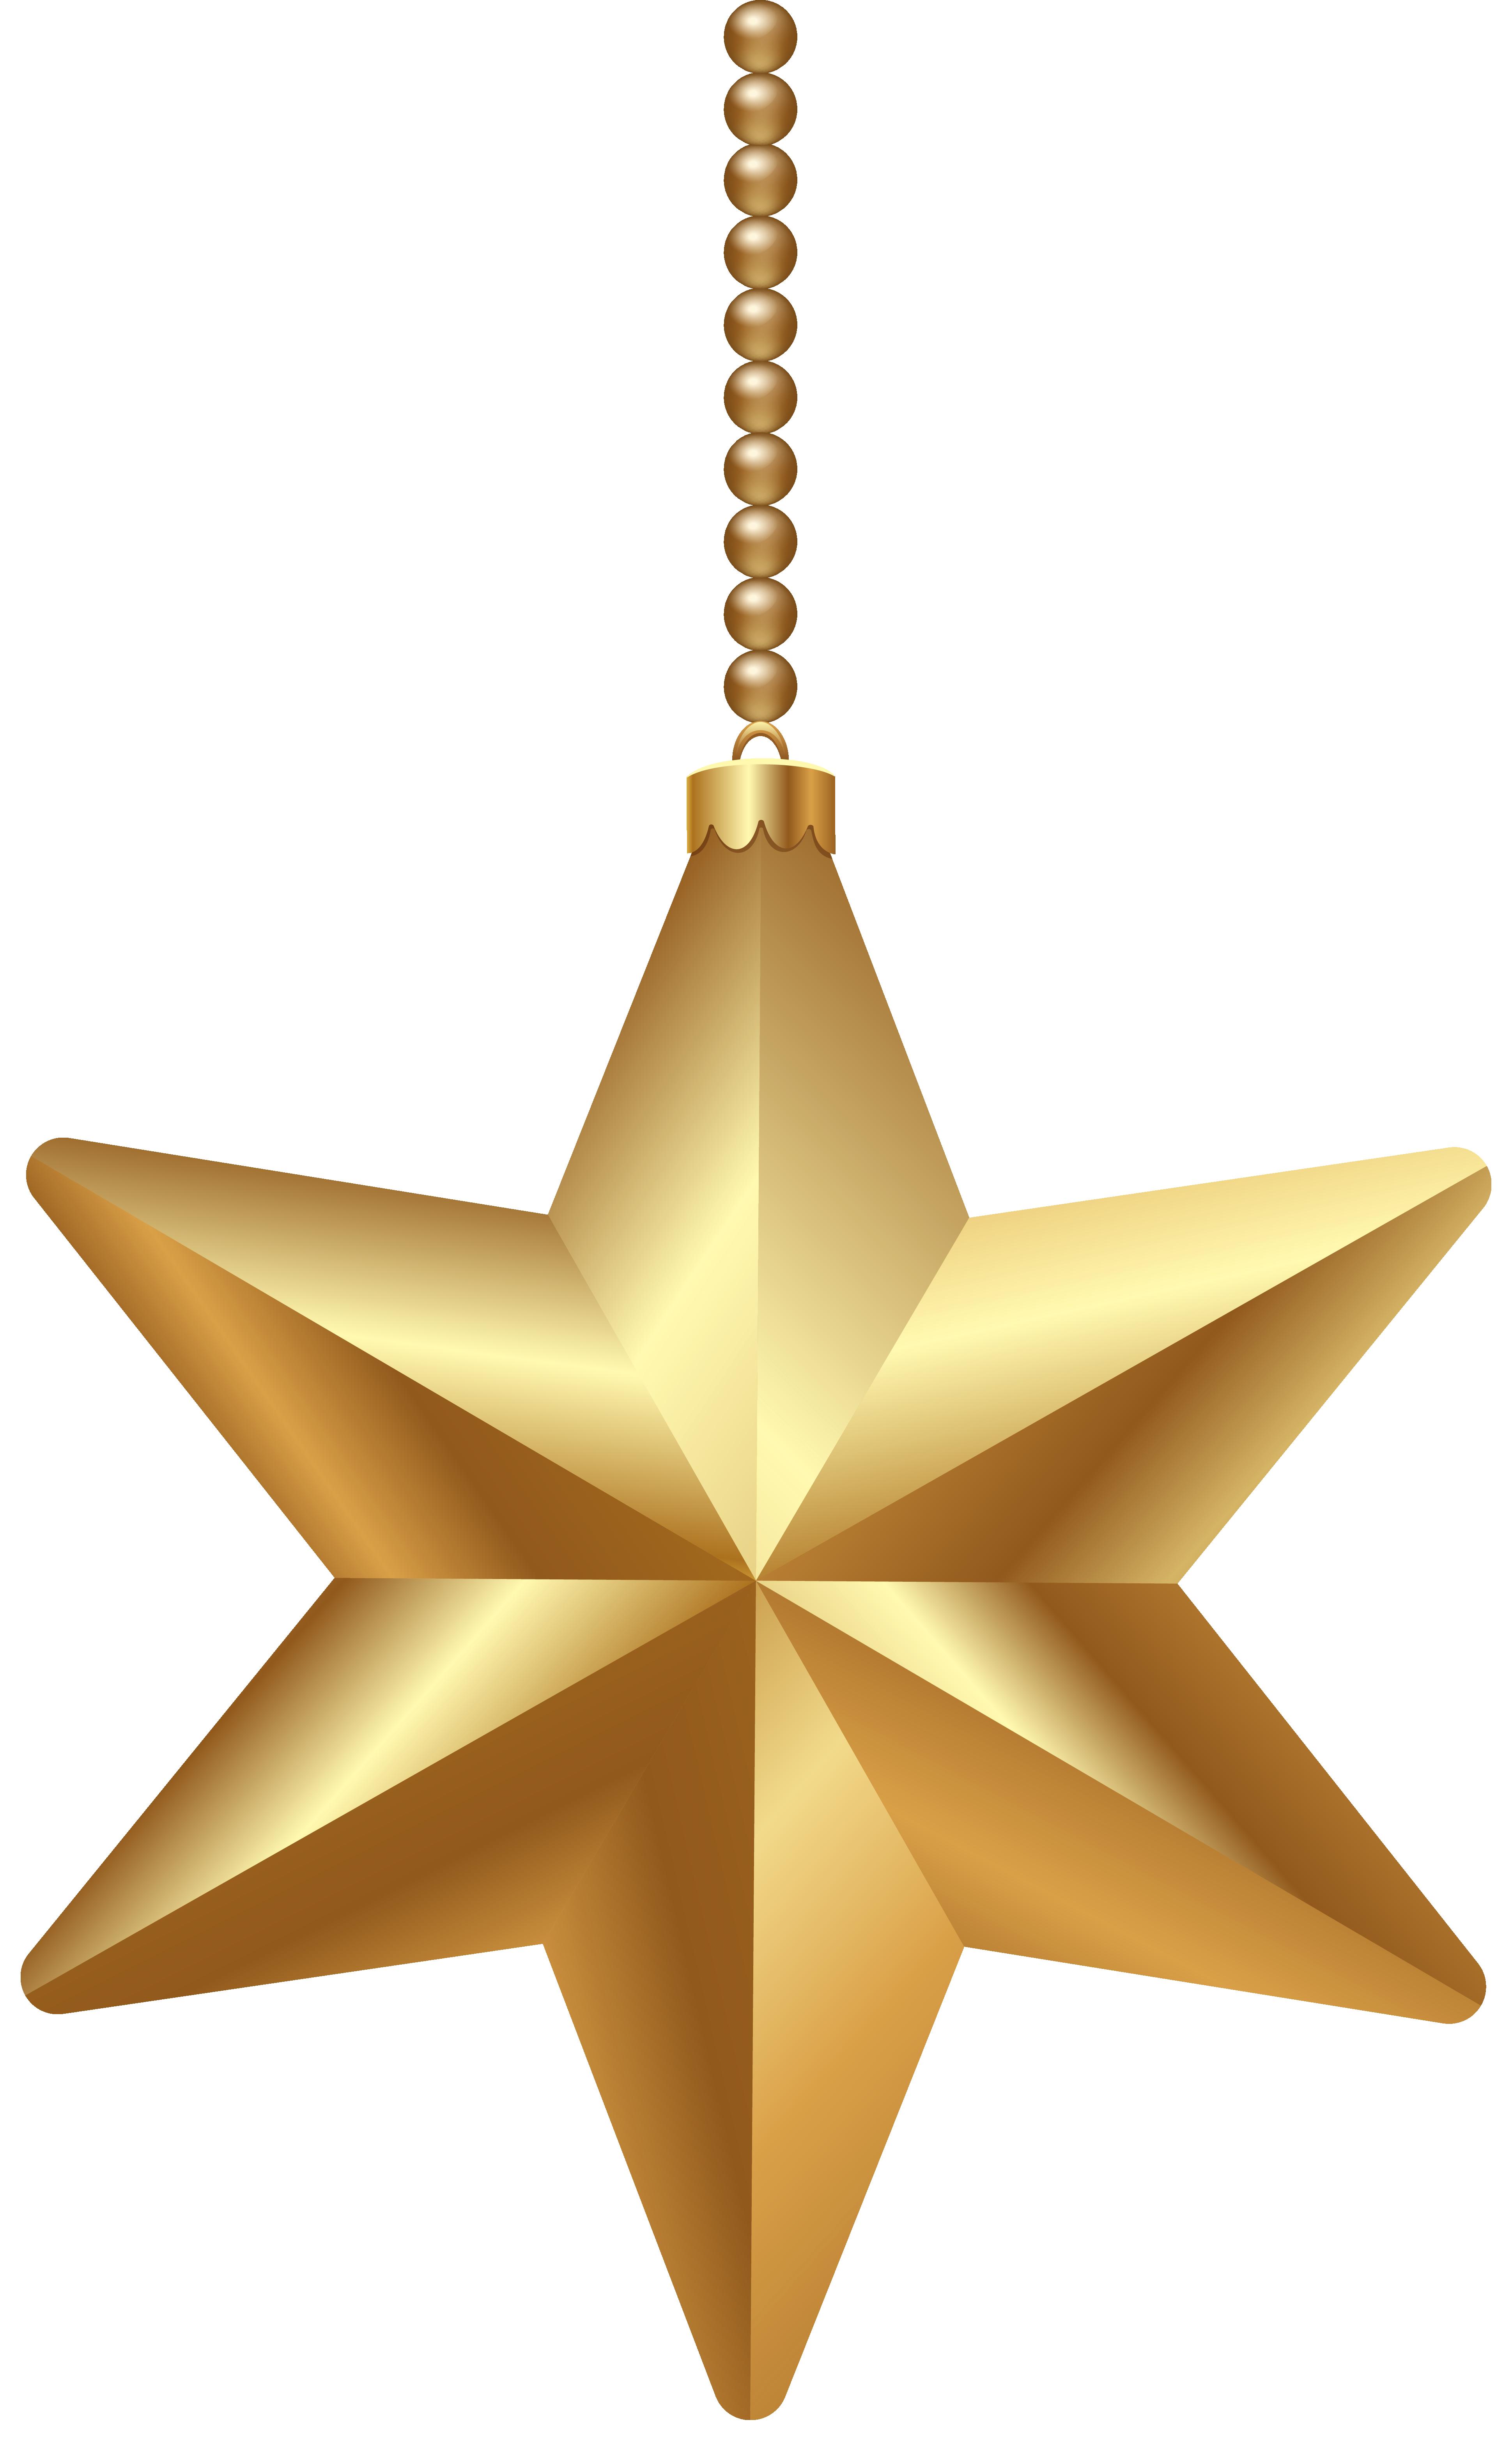 Golden christmas clipart jpg black and white download Free Christmas Stars Cliparts, Download Free Clip Art, Free Clip Art ... jpg black and white download